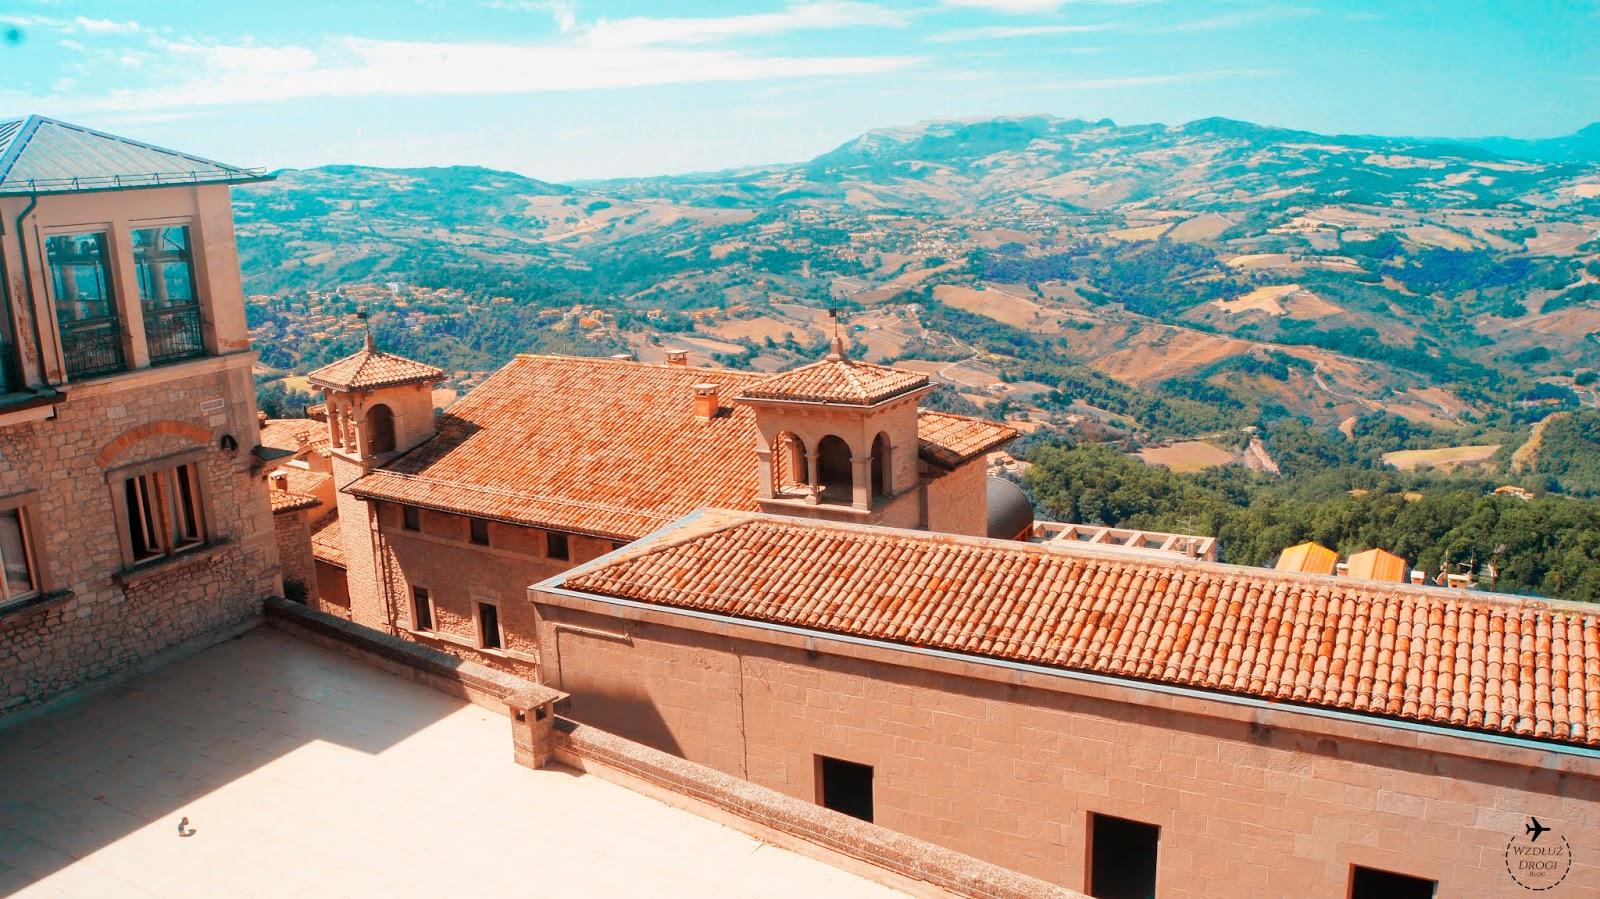 San Marino widok na włochy